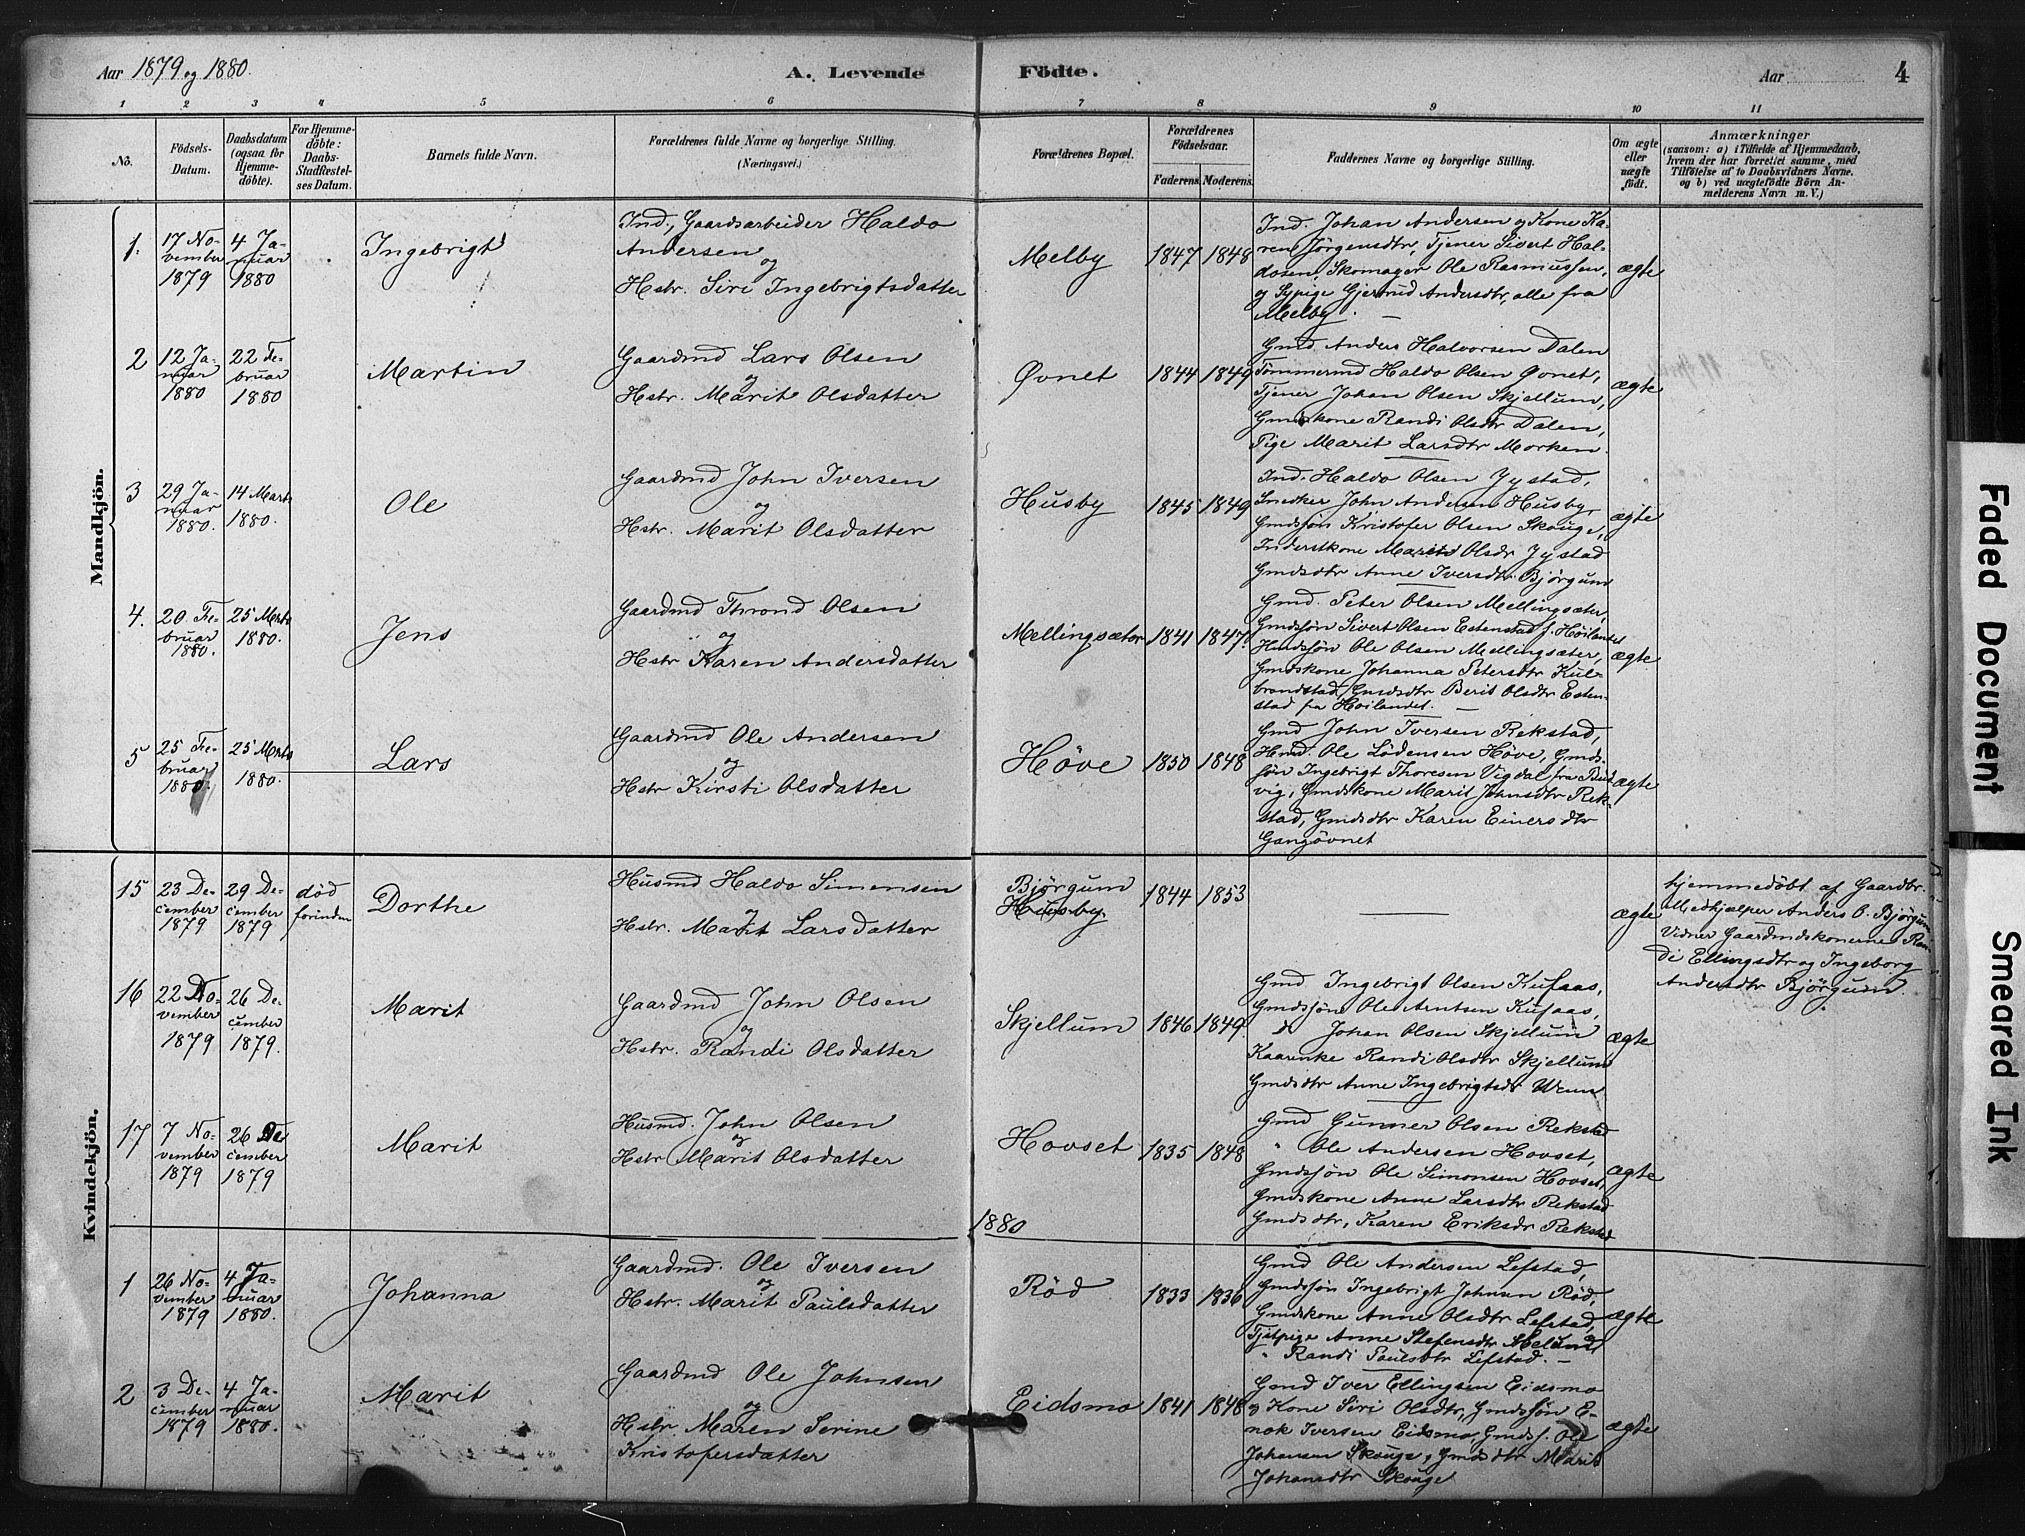 SAT, Ministerialprotokoller, klokkerbøker og fødselsregistre - Sør-Trøndelag, 667/L0795: Ministerialbok nr. 667A03, 1879-1907, s. 4